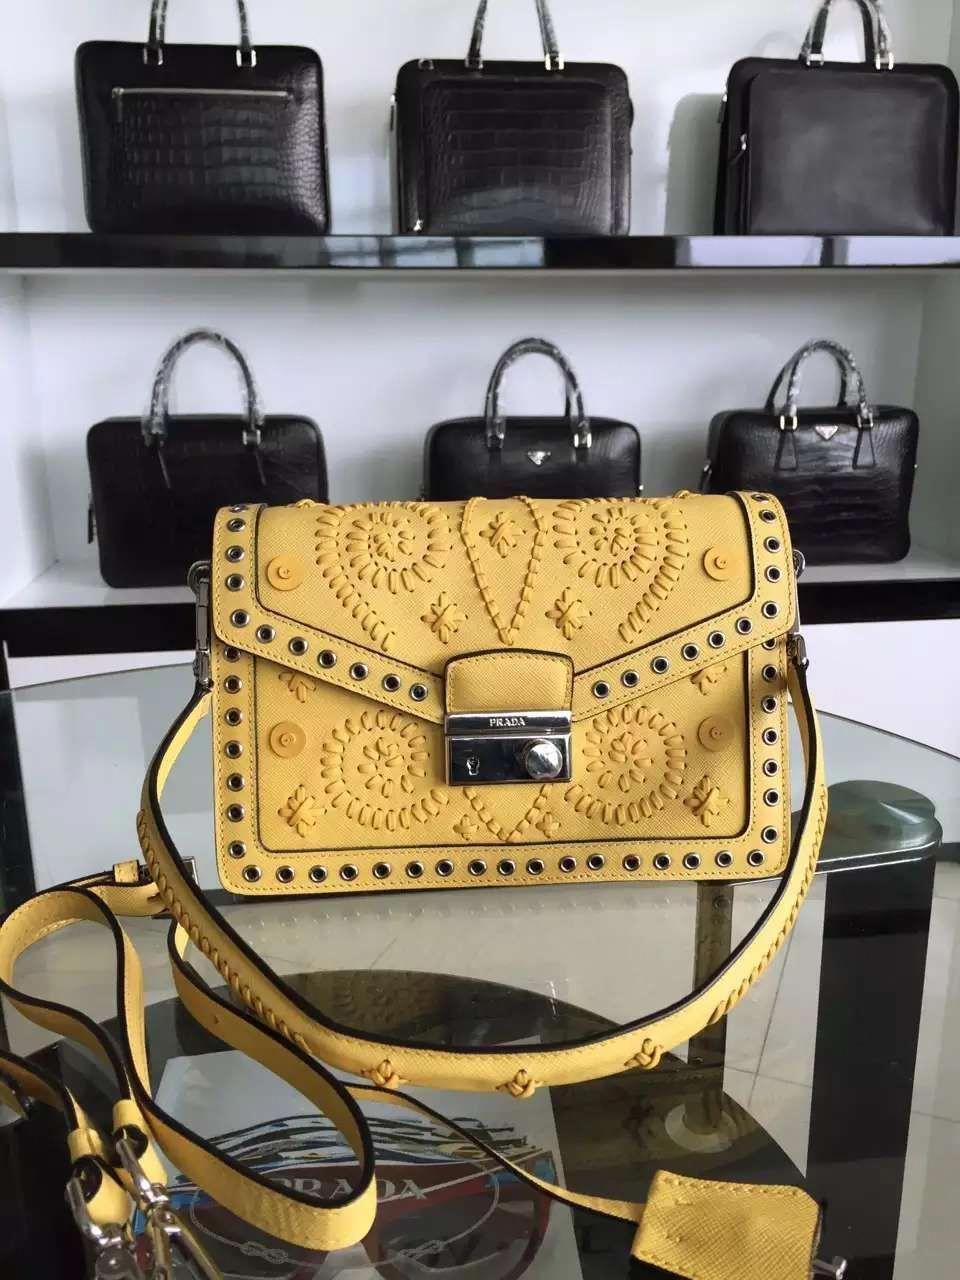 ba7487dc22 prada Bag, ID : 50474(FORSALE:a@yybags.com), prada navy blue handbag, red prada  handbag, prada bridal handbags, prada wallets online, prada bags new ...